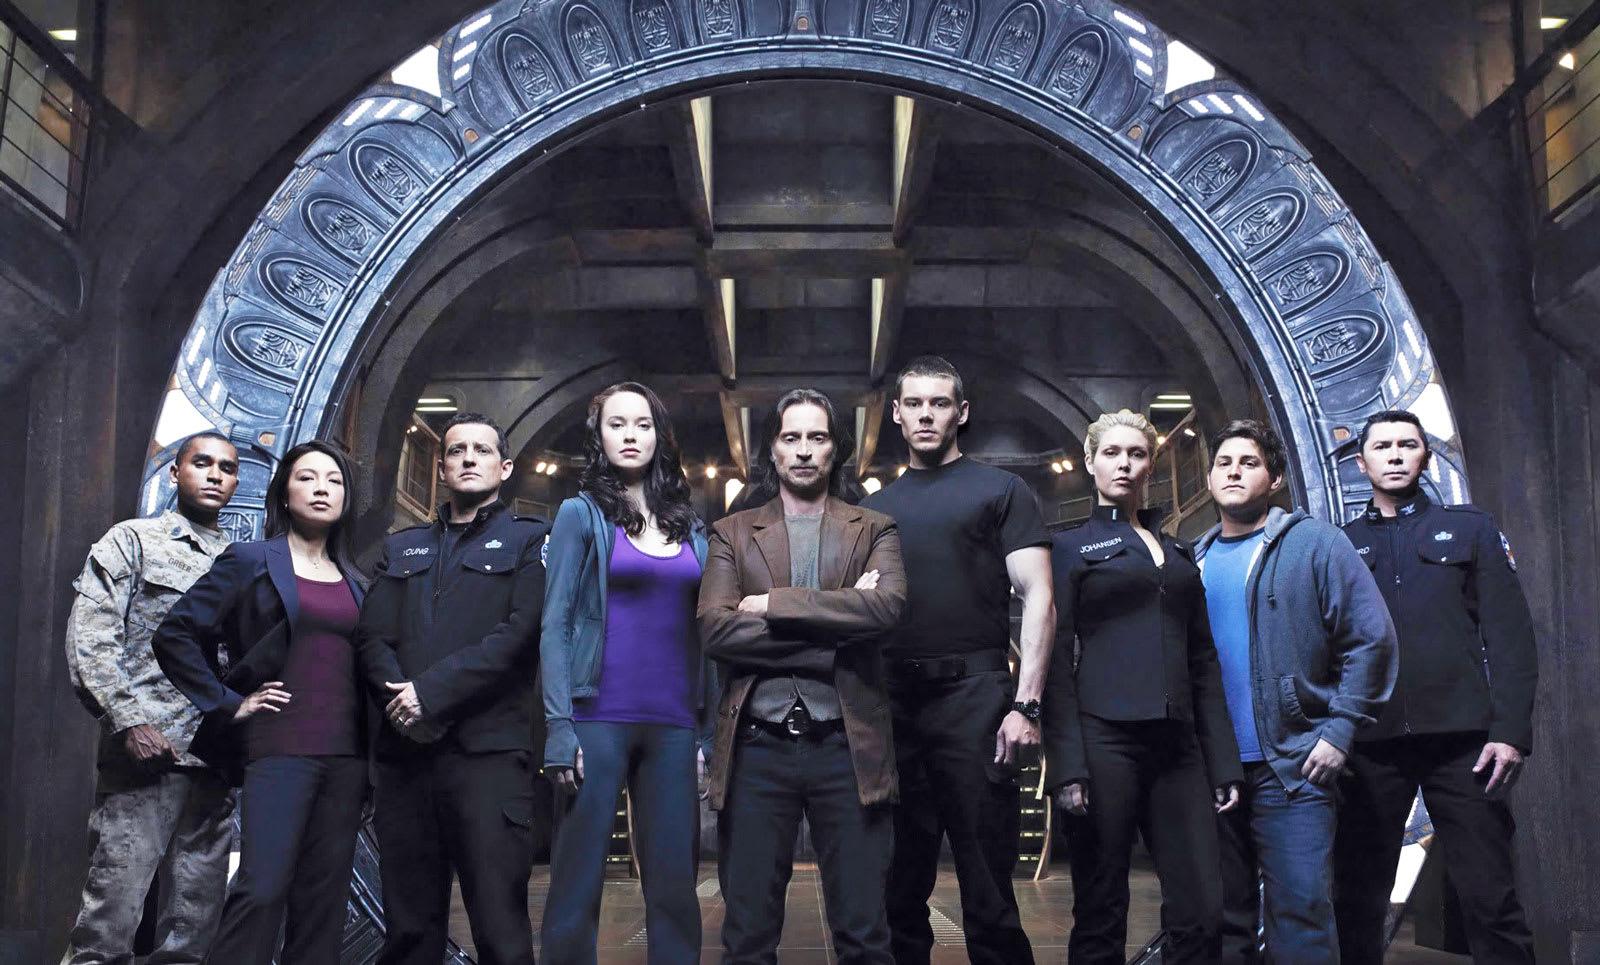 Stargate Streaming